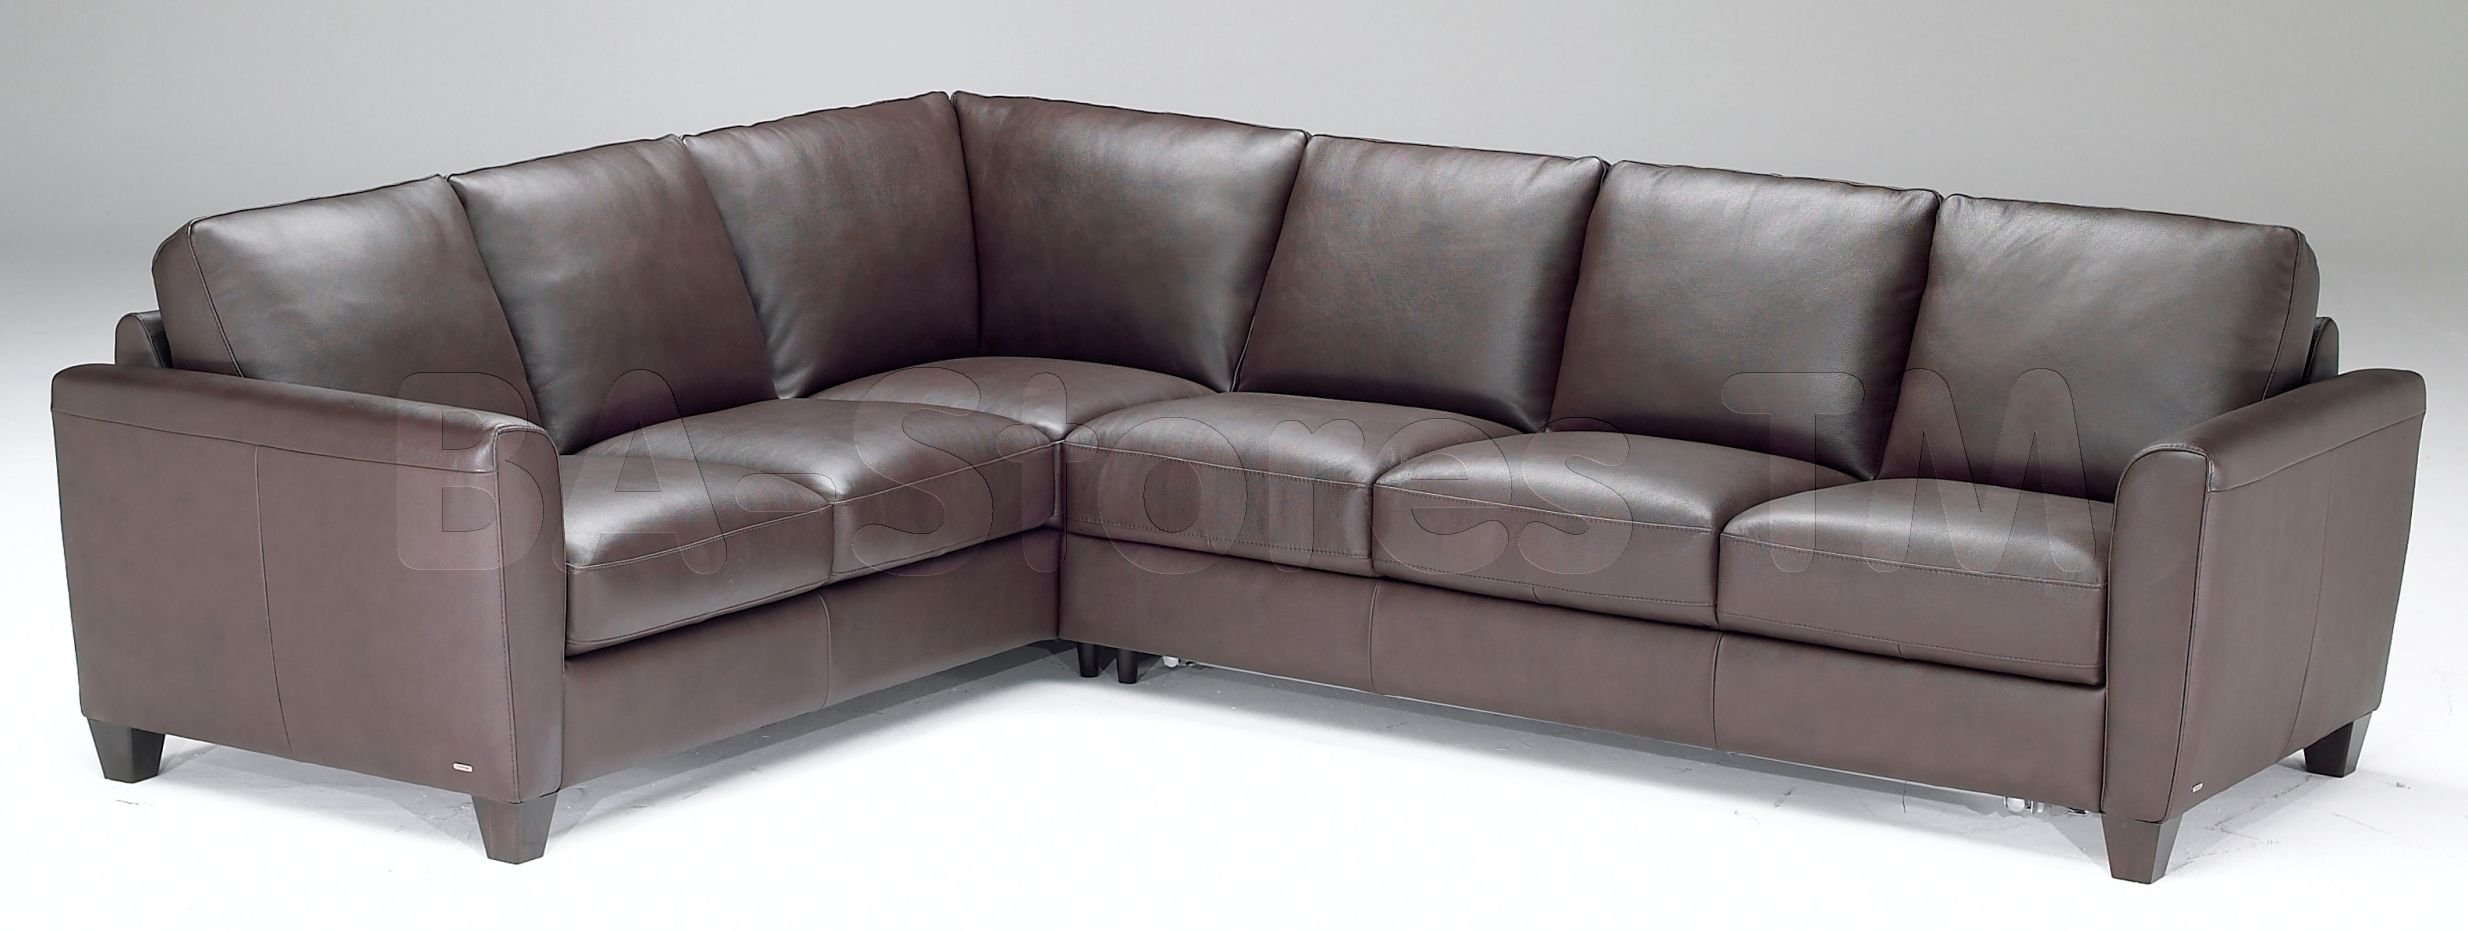 Natuzzi leather sectional A450 Fiarman Residence